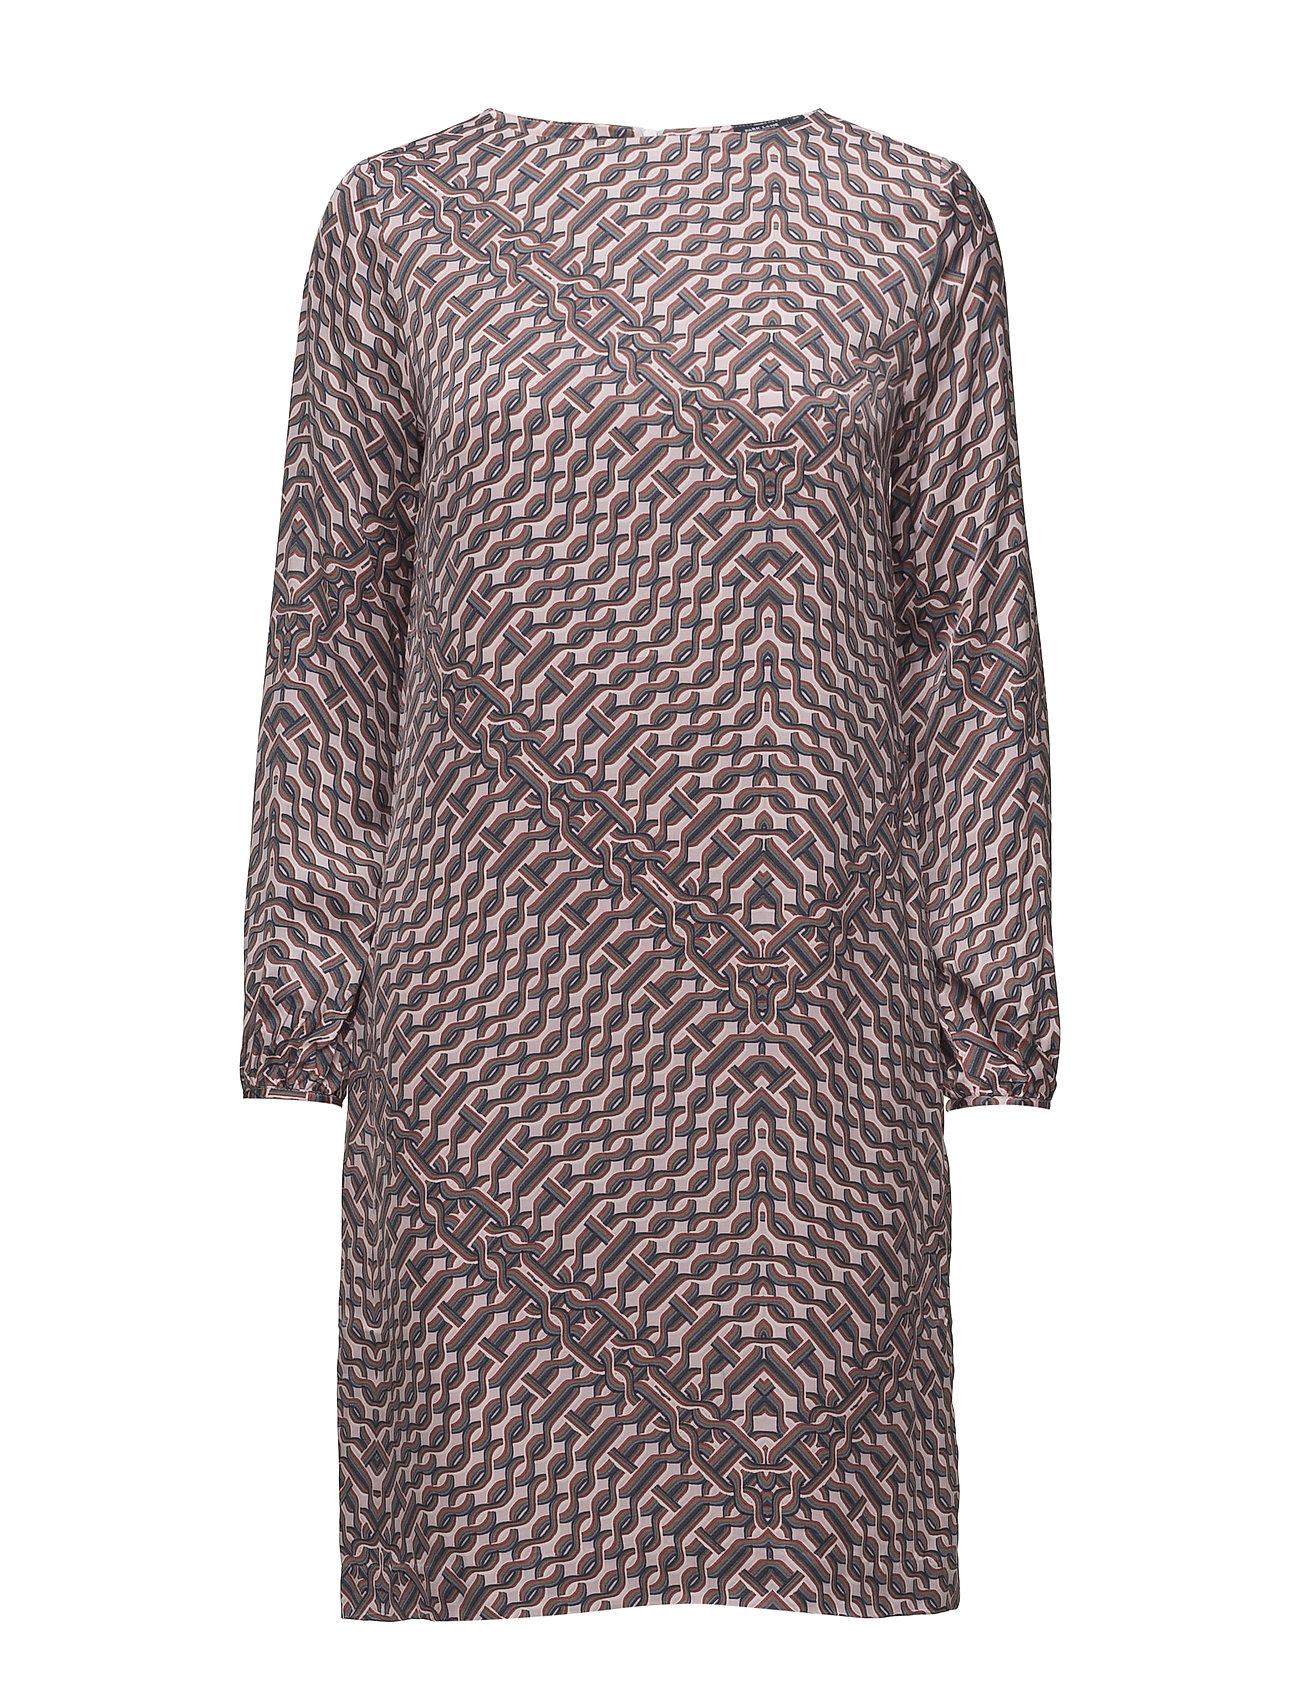 Park Lane Dress - PATTERN